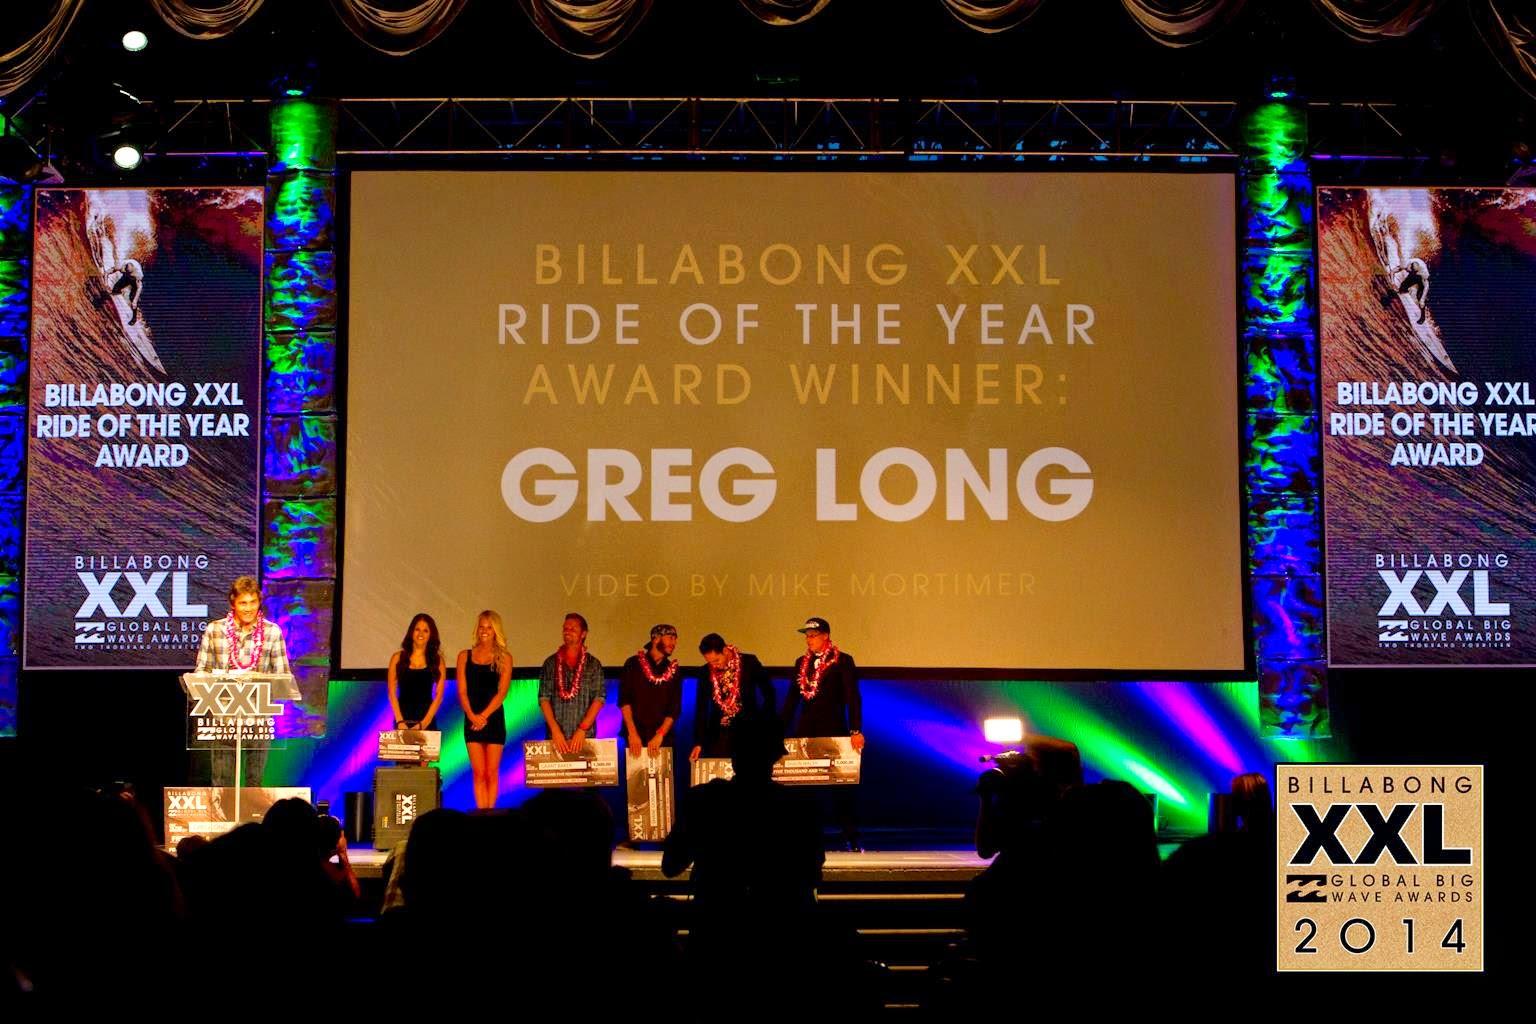 greg long billabong xxl awards